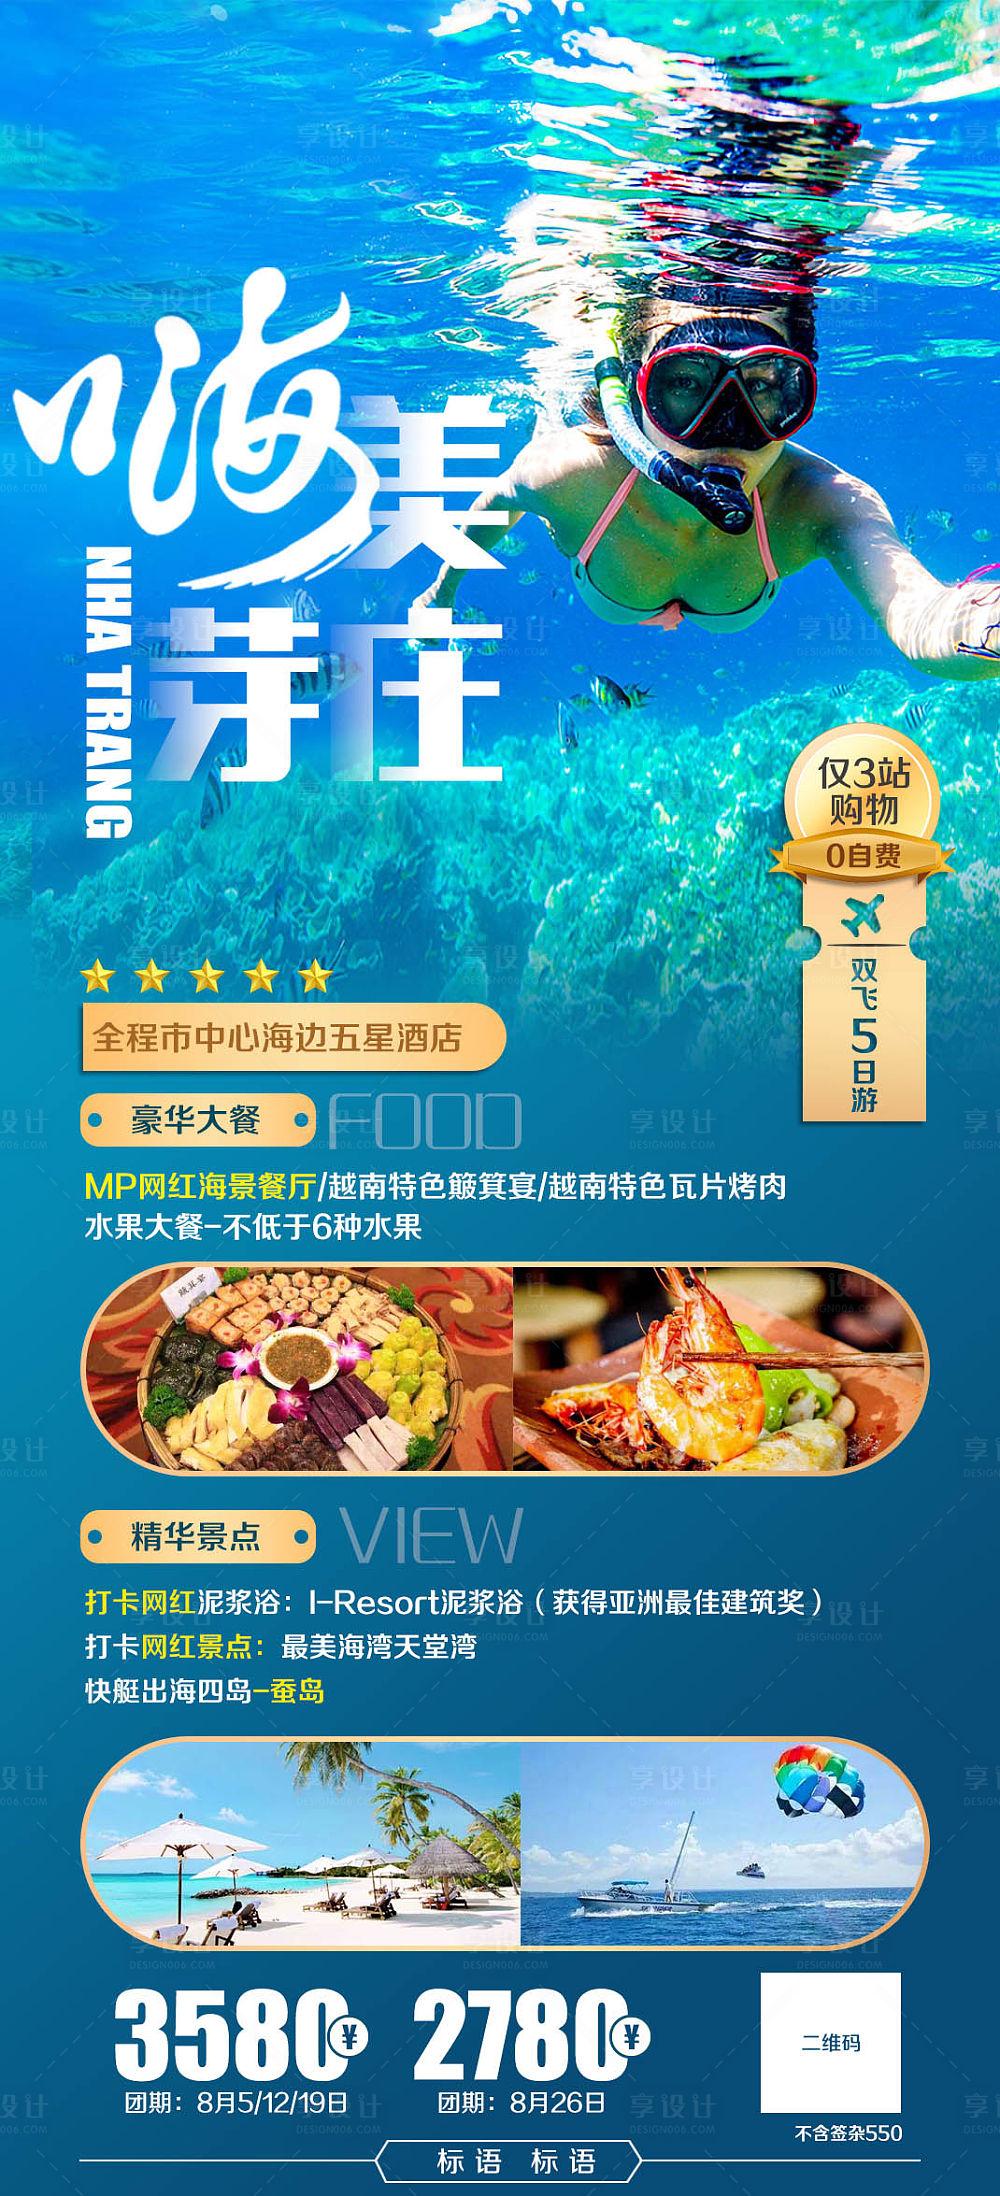 【源文件下载】 海报 越南 芽庄 旅游 潜水 蓝金设计作品 设计图集